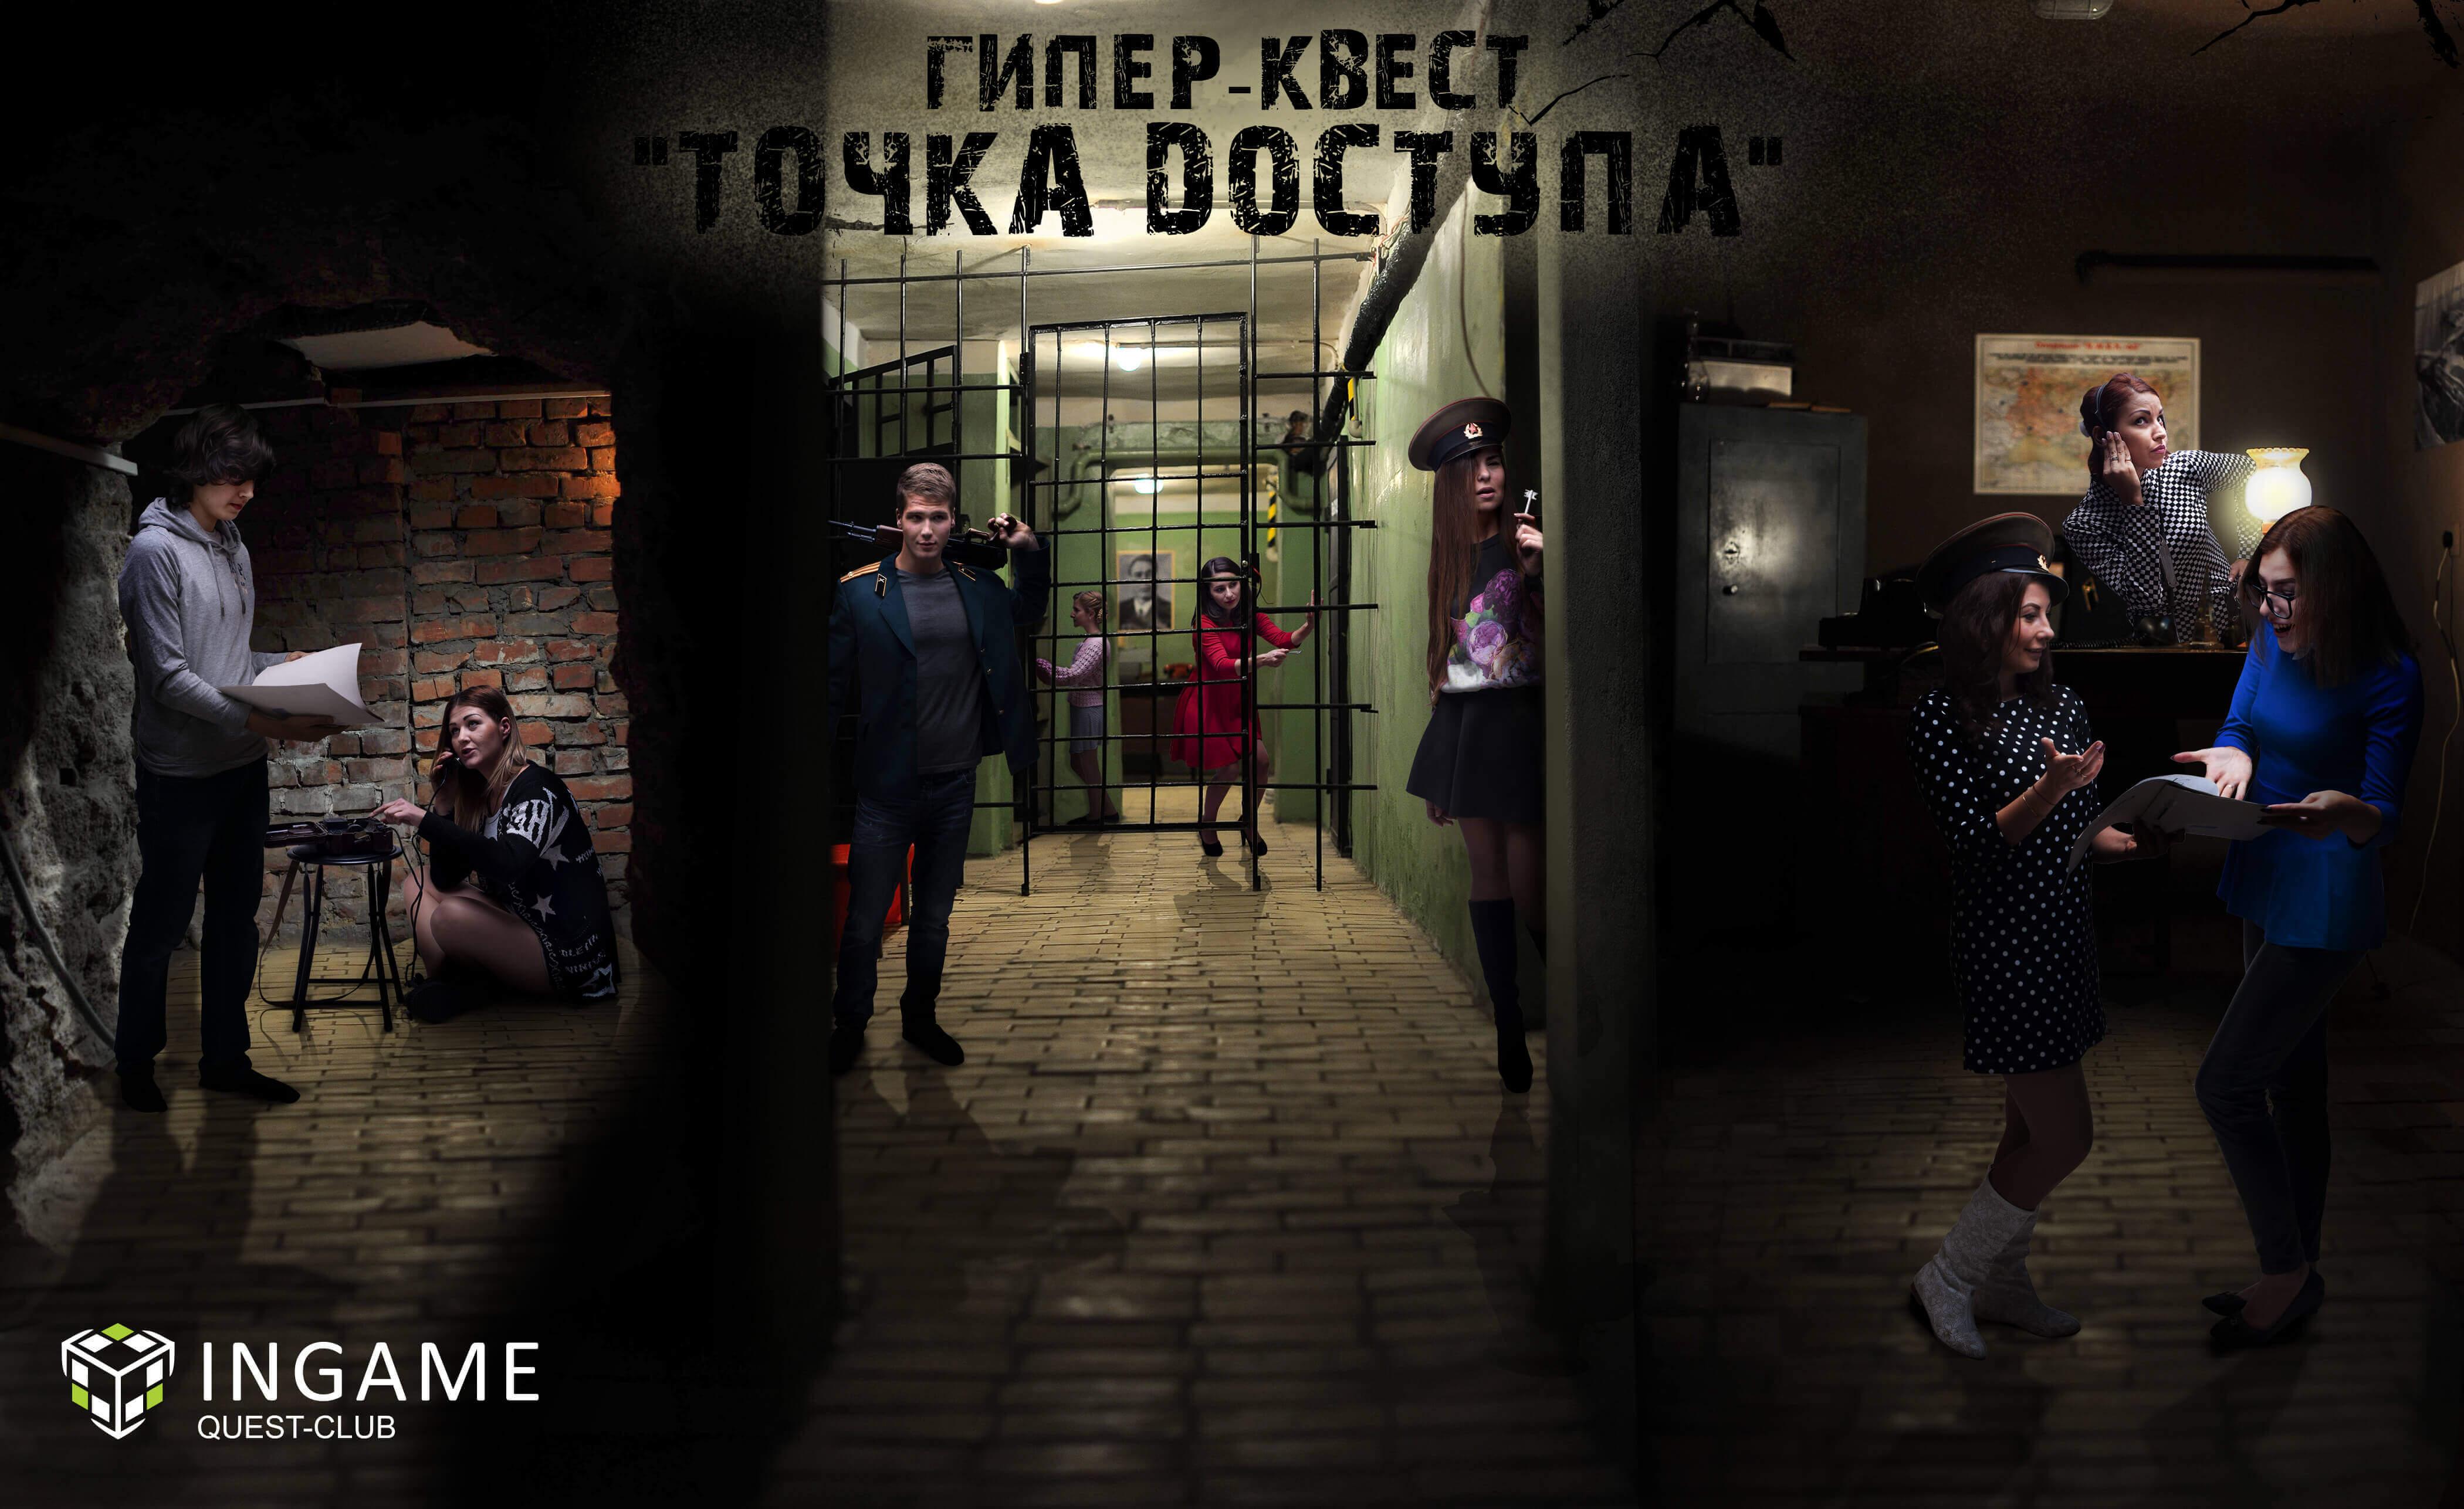 2 Фото квест комнаты Точка доступа в городе Днепр